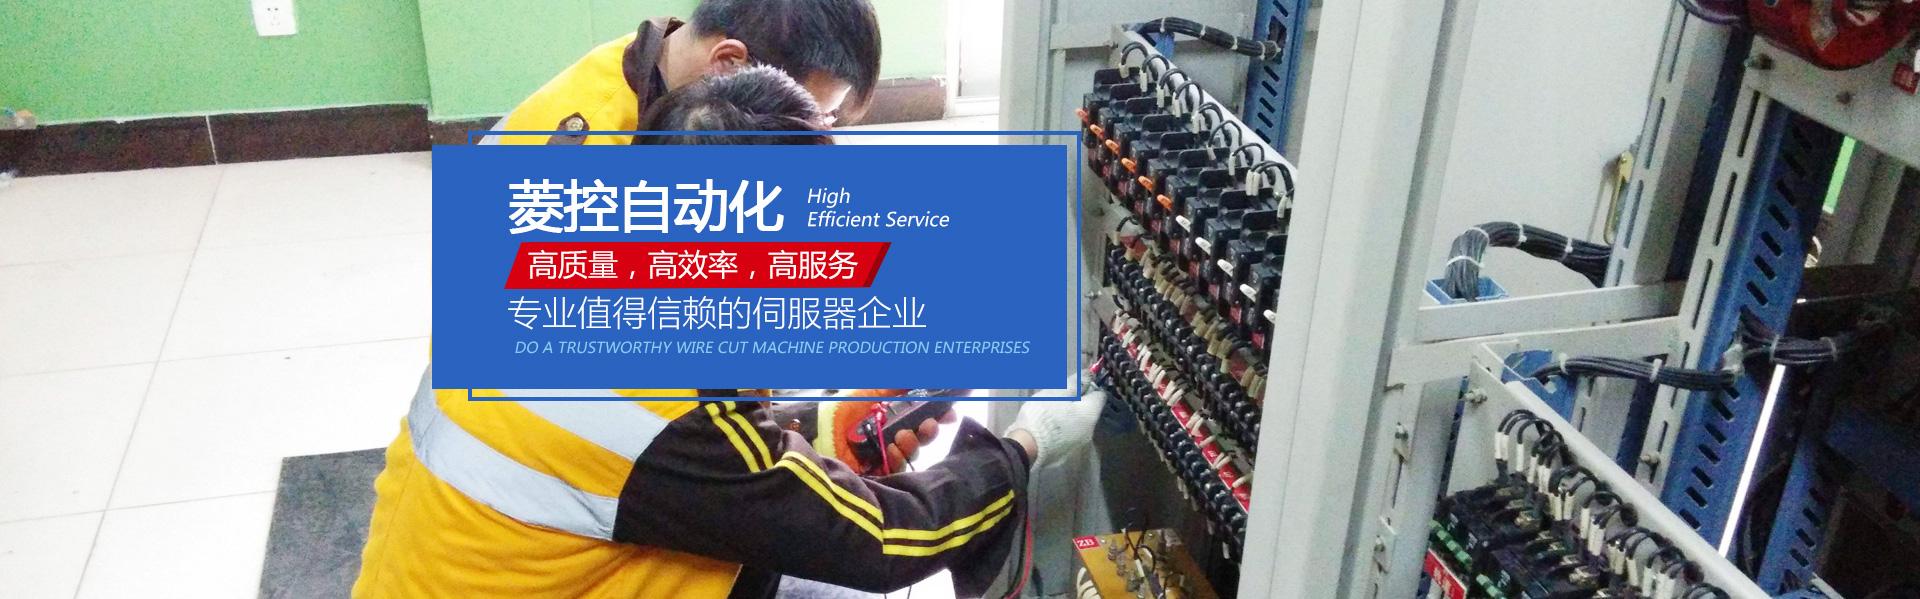 伺服器修理